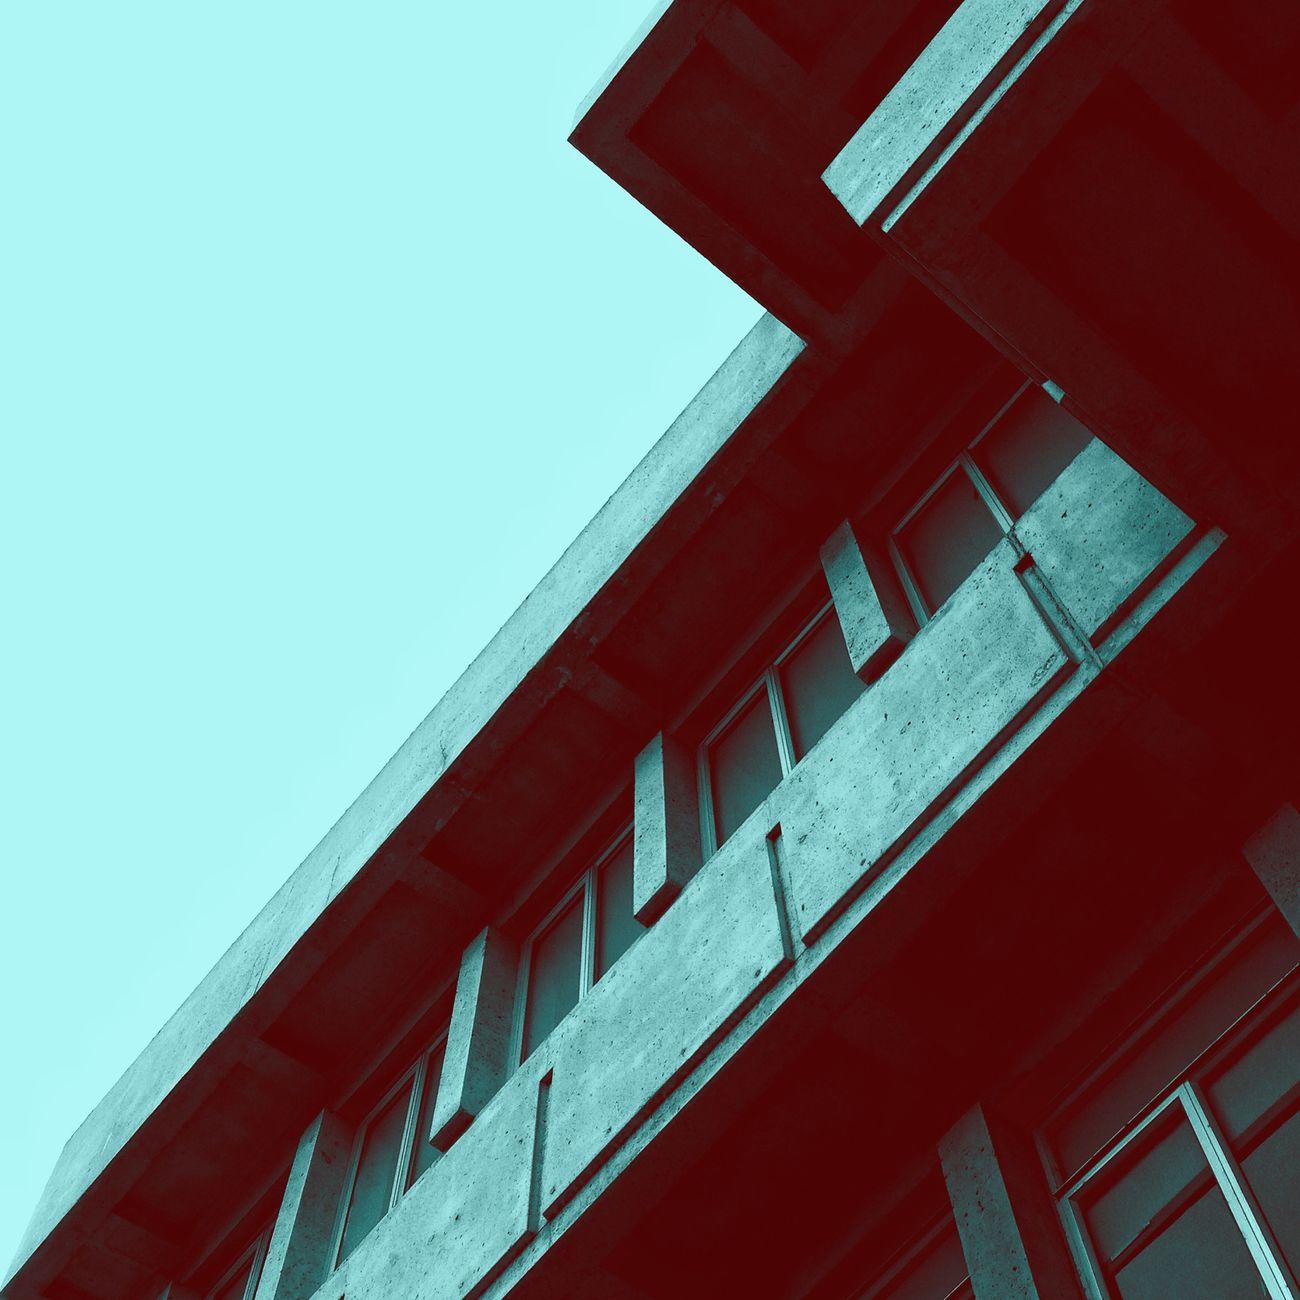 Architecture San Francisco Pantone Colors By GIZMON